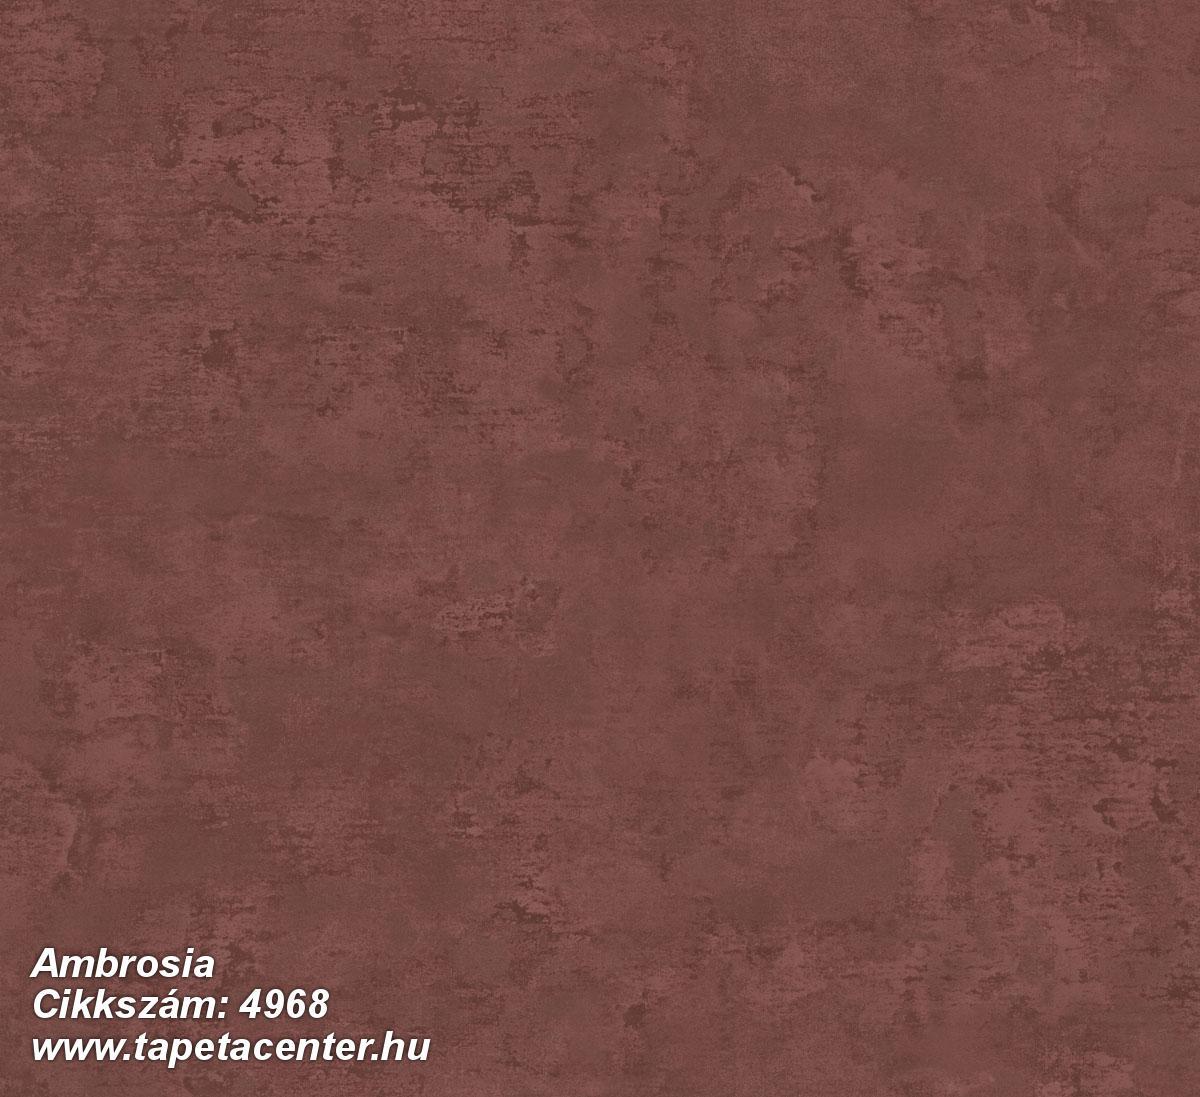 Ambrosia - 4968 Olasz tapéta